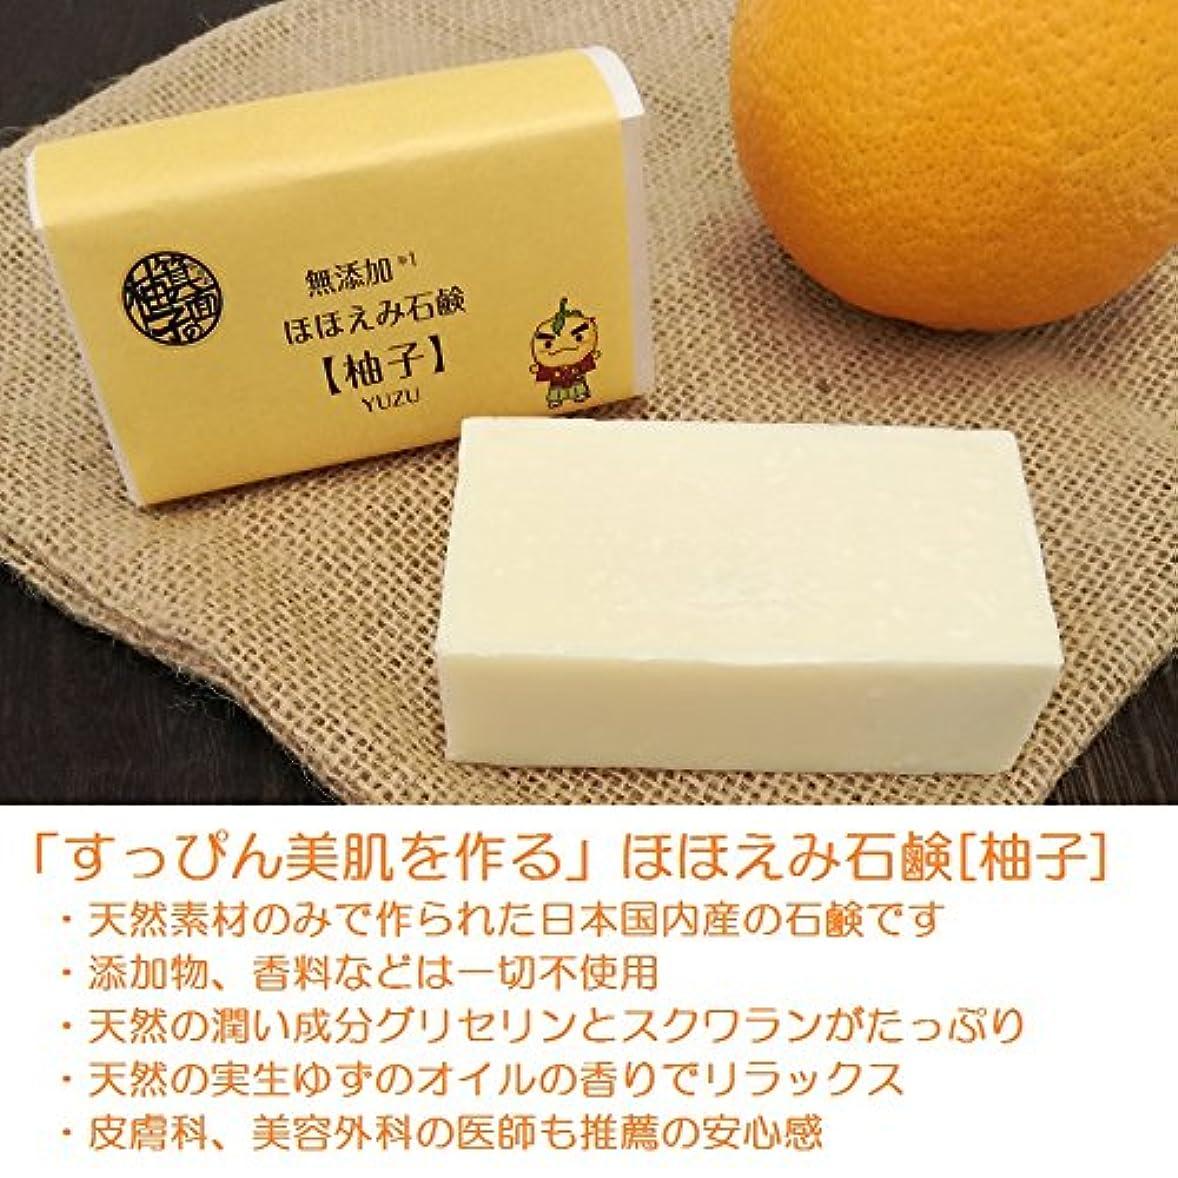 かすかな判決上流のすっぴん美肌を作る ほほえみ石鹸 柚子 オリーブオイル 無添加 オーガニック 日本製 80g